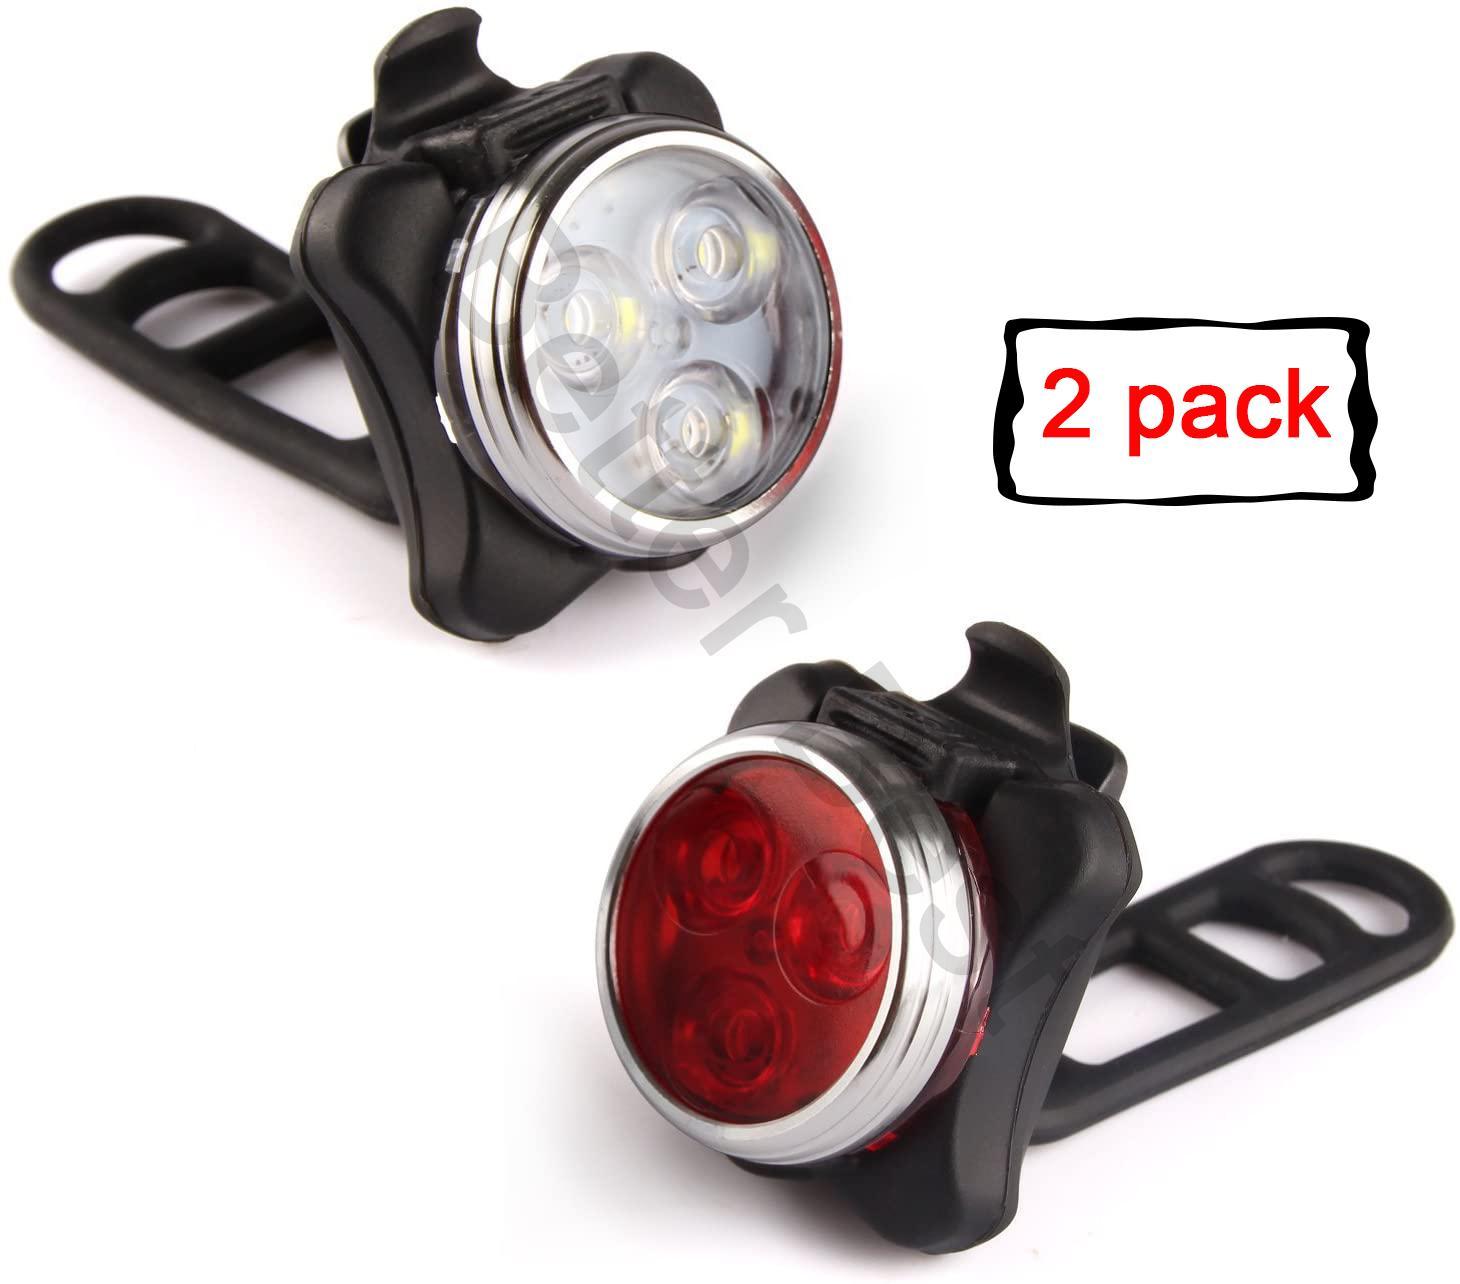 USB Şarj edilebilir Bisiklet Işık Seti, 400mAh Lityum Batarya, Süper Parlak Ön Far ve Arka LED Bisiklet Işık, 4 Işık modu seçenekleri